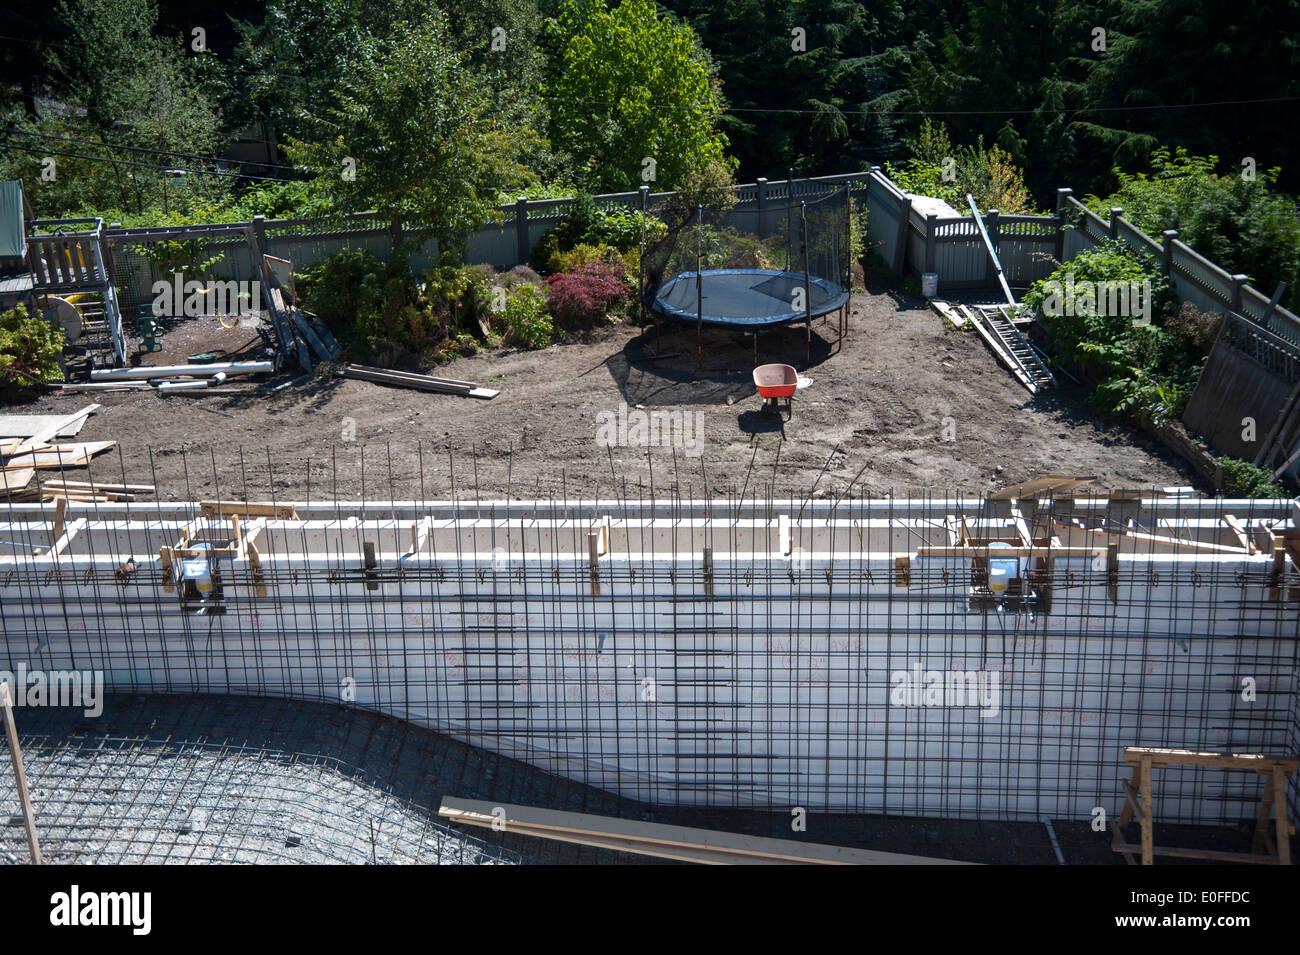 Hinterhof Pool Gebaut Mit Bewehrung Futter Installiert